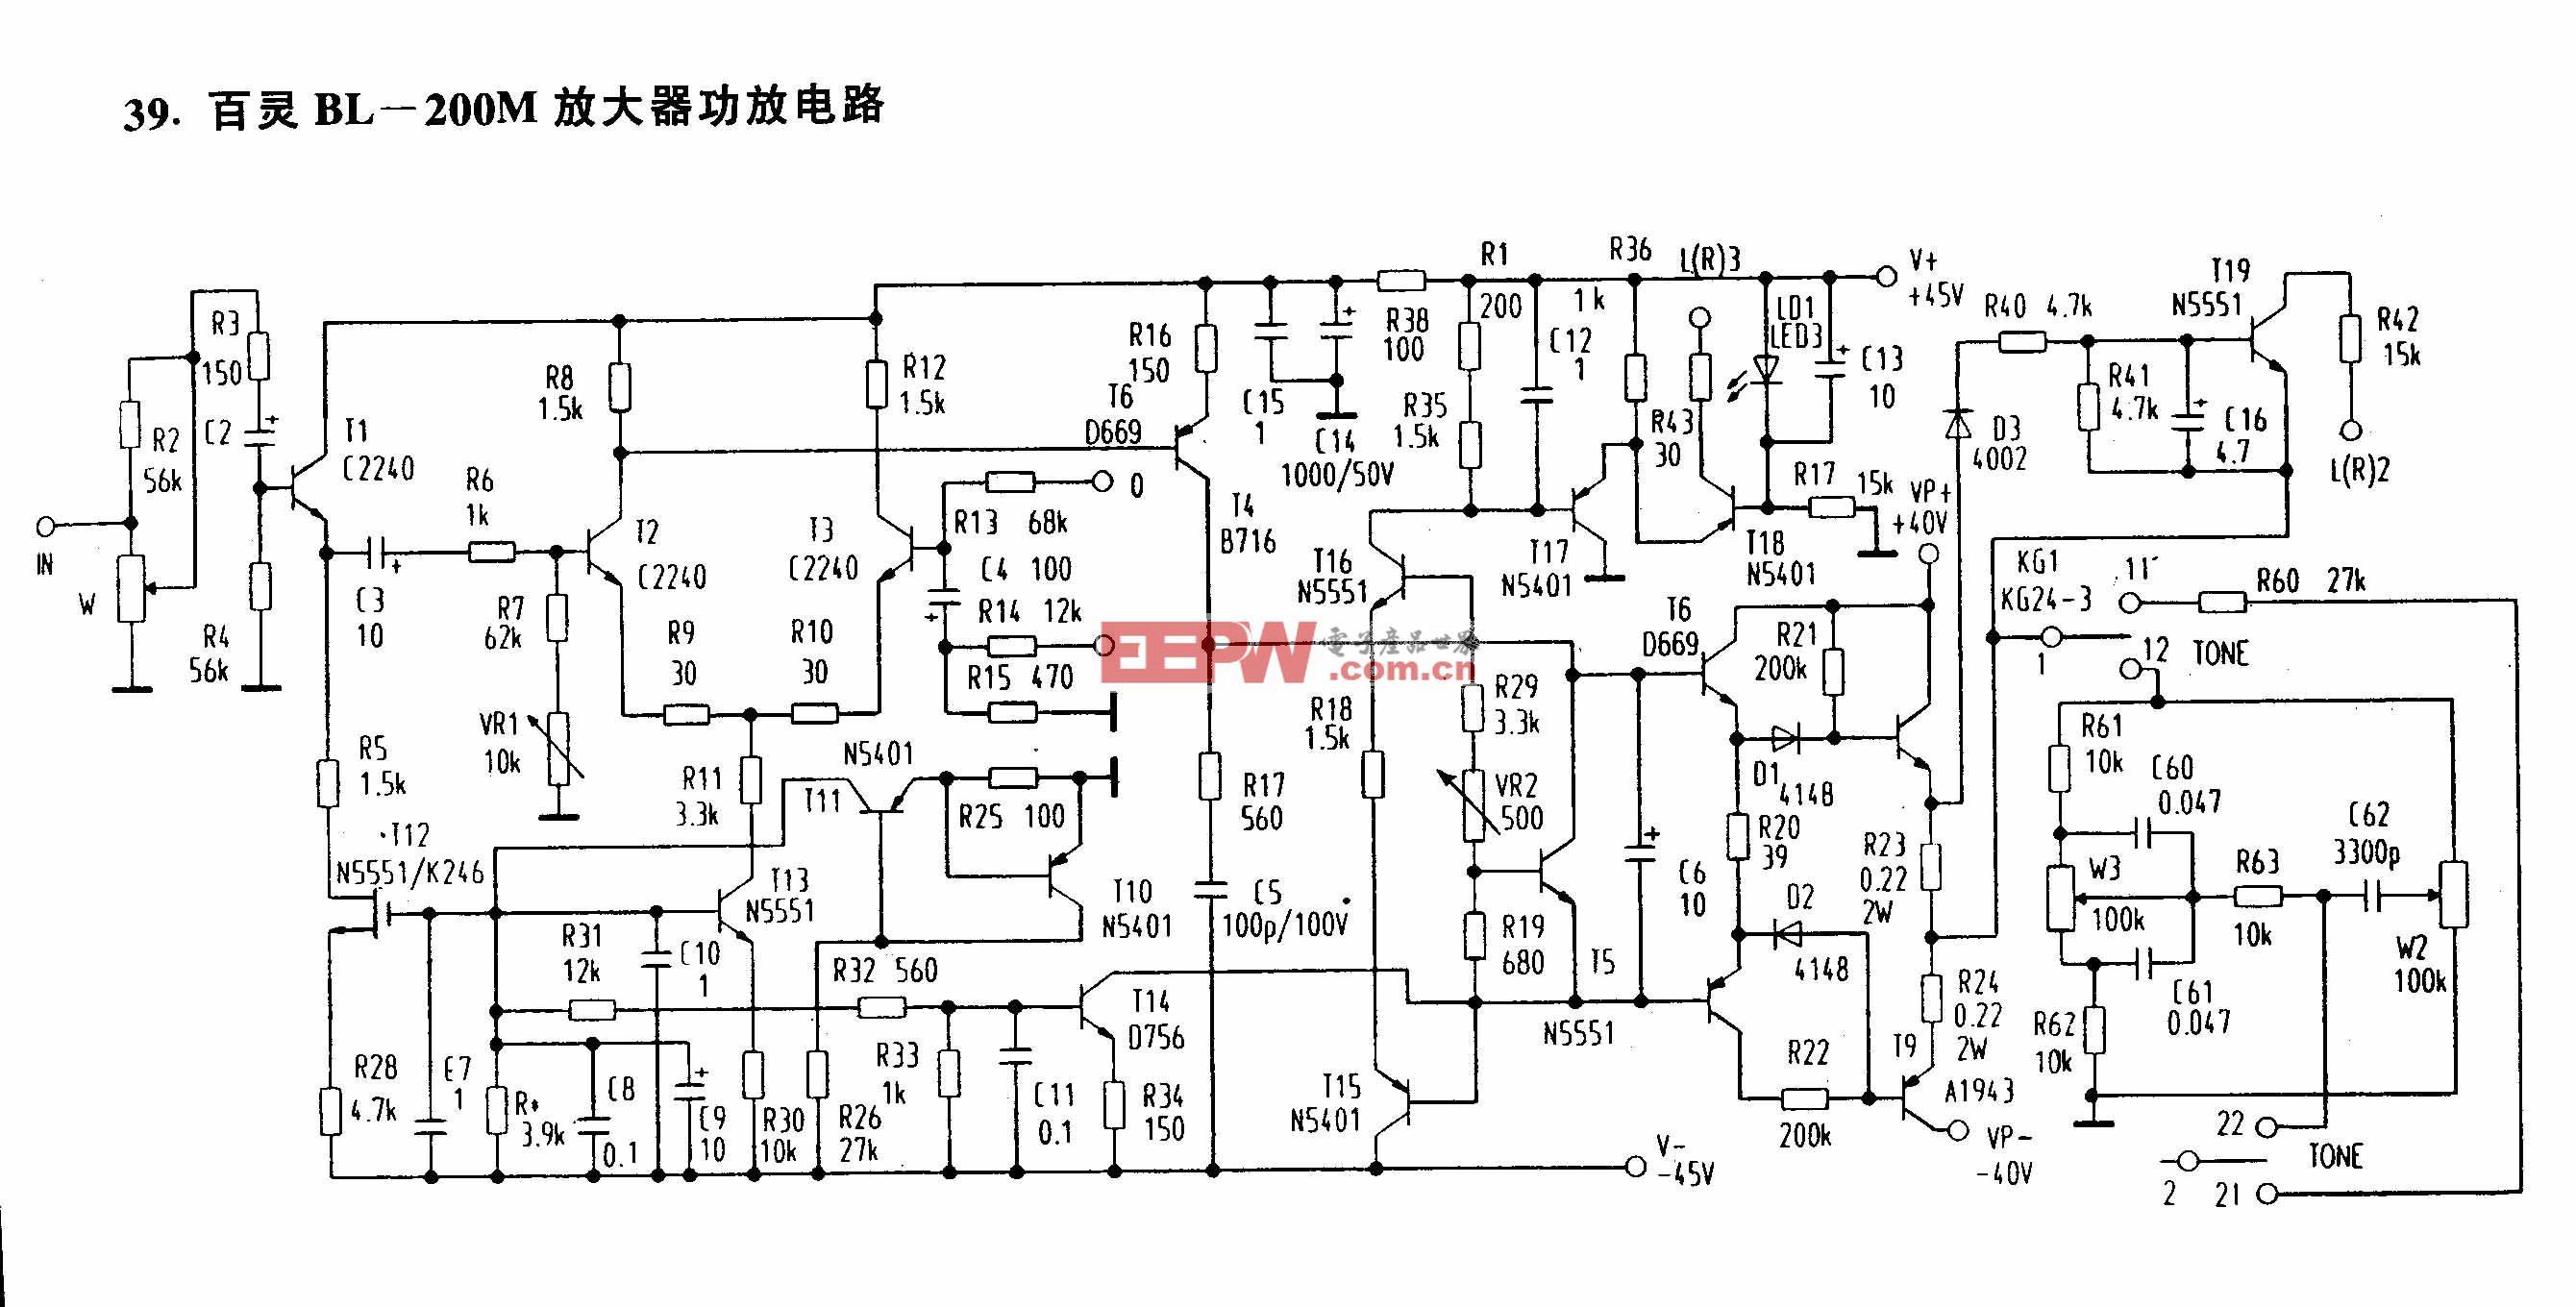 百灵BL-200M放大器功放电路